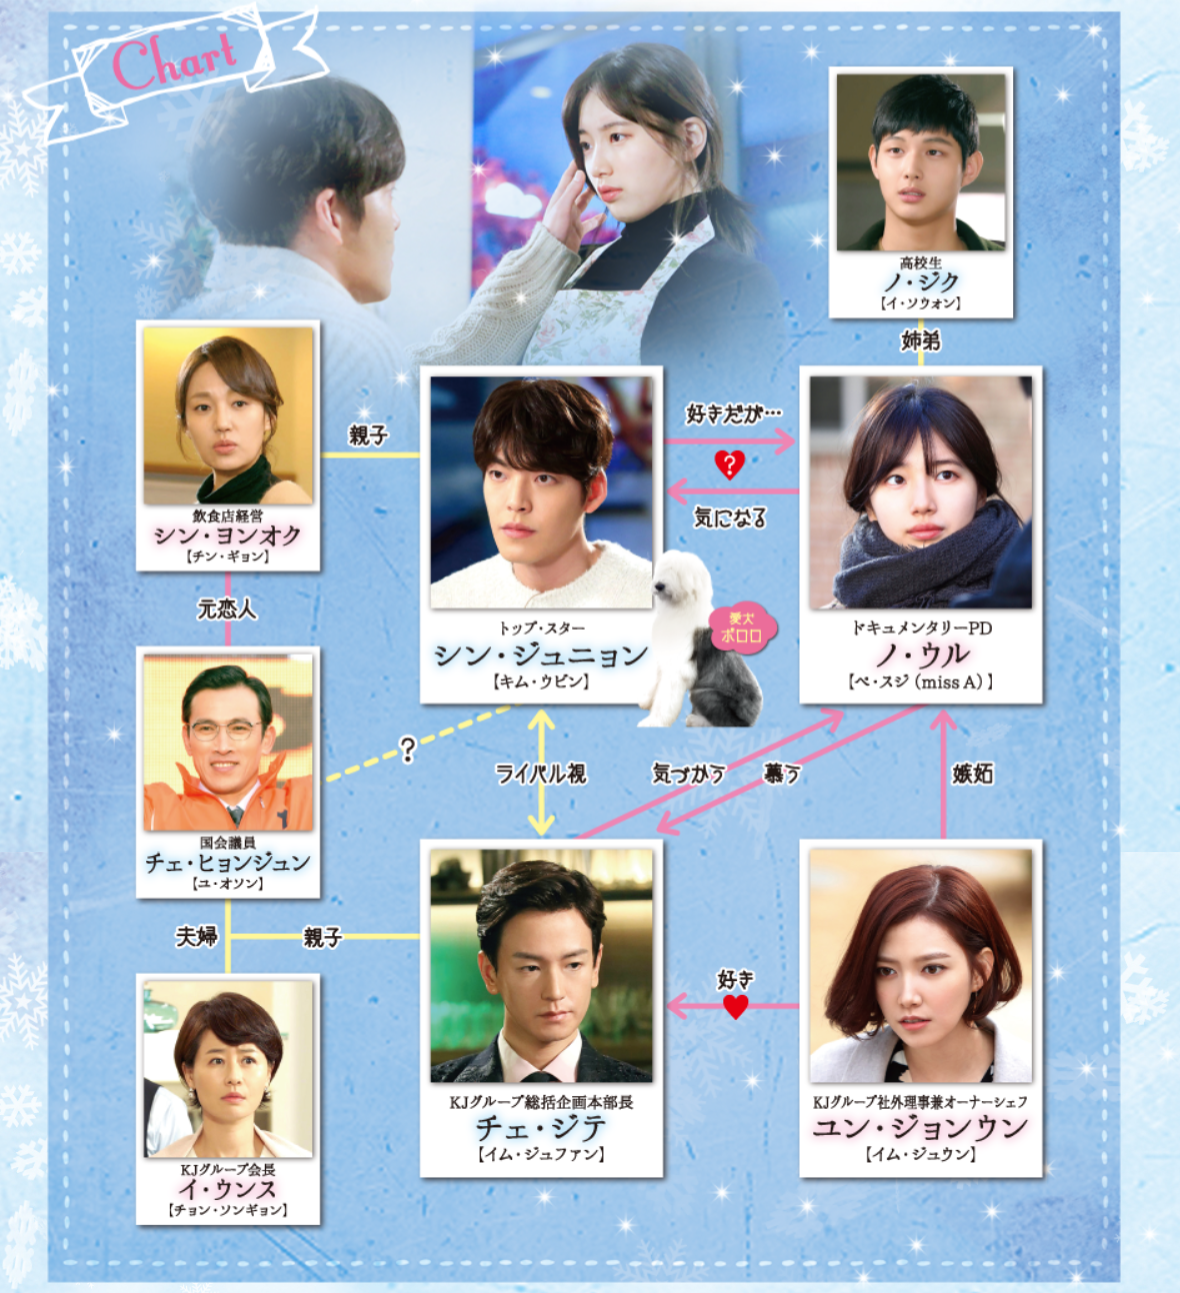 韓国ドラマ『むやみに切なく』登場人物相関図(関係図)